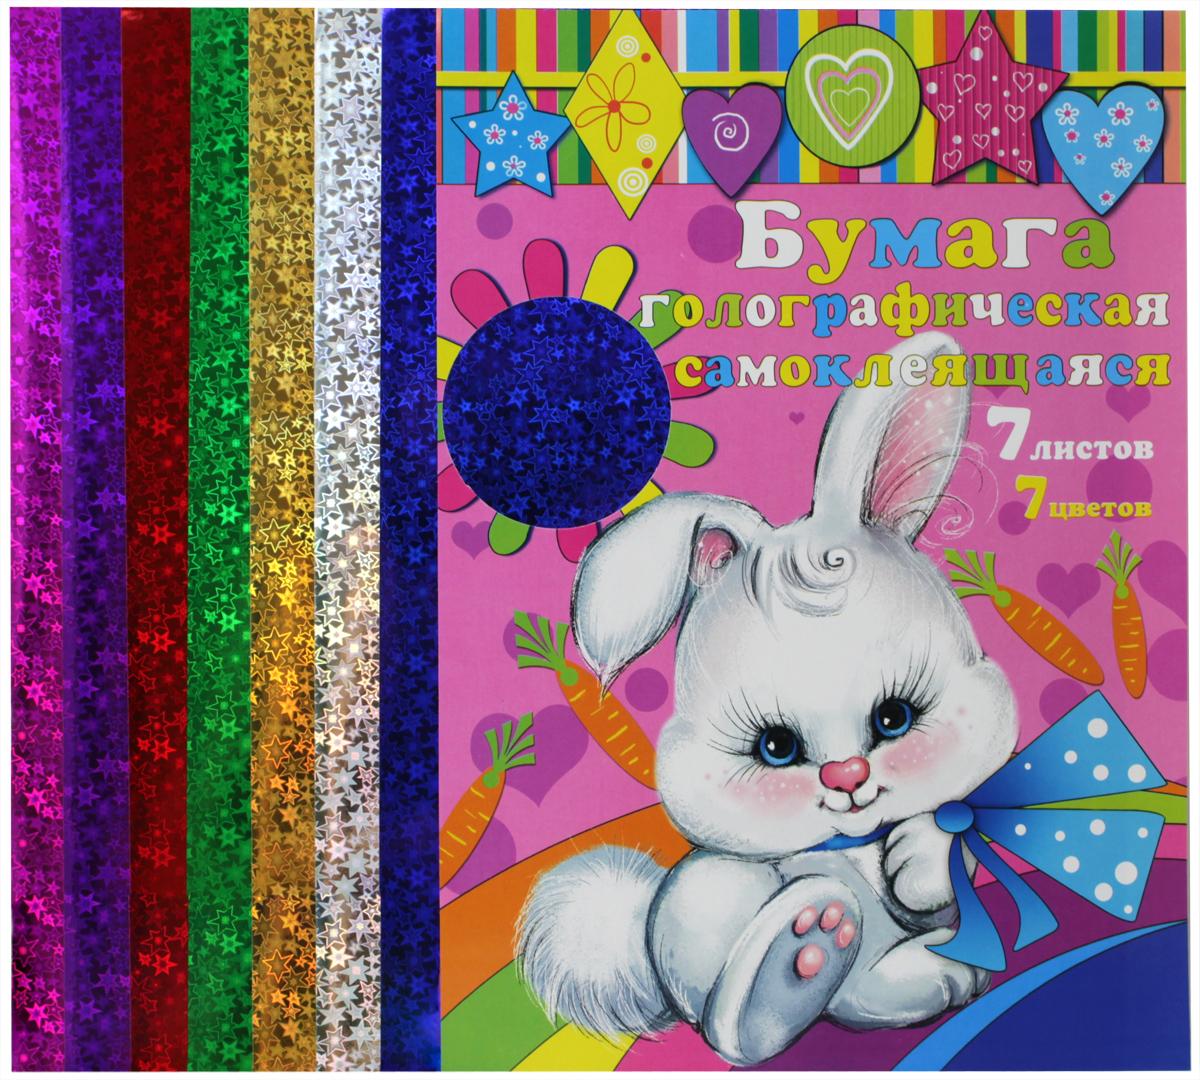 Феникс+ Цветная бумага голографическая самоклеящаяся 7 листов24396Набор цветной бумаги Феникс+ позволит вашему ребенку создавать всевозможные аппликации и поделки. Набор состоит из 7 листов голографической самоклеющейся бумаги. Цвета: синий, серебристый, золотистый, красный, зеленый, малиновый, фиолетовый. Создание поделок из цветной бумаги поможет ребенку в развитии творческих способностей, кроме того, это увлекательный досуг.